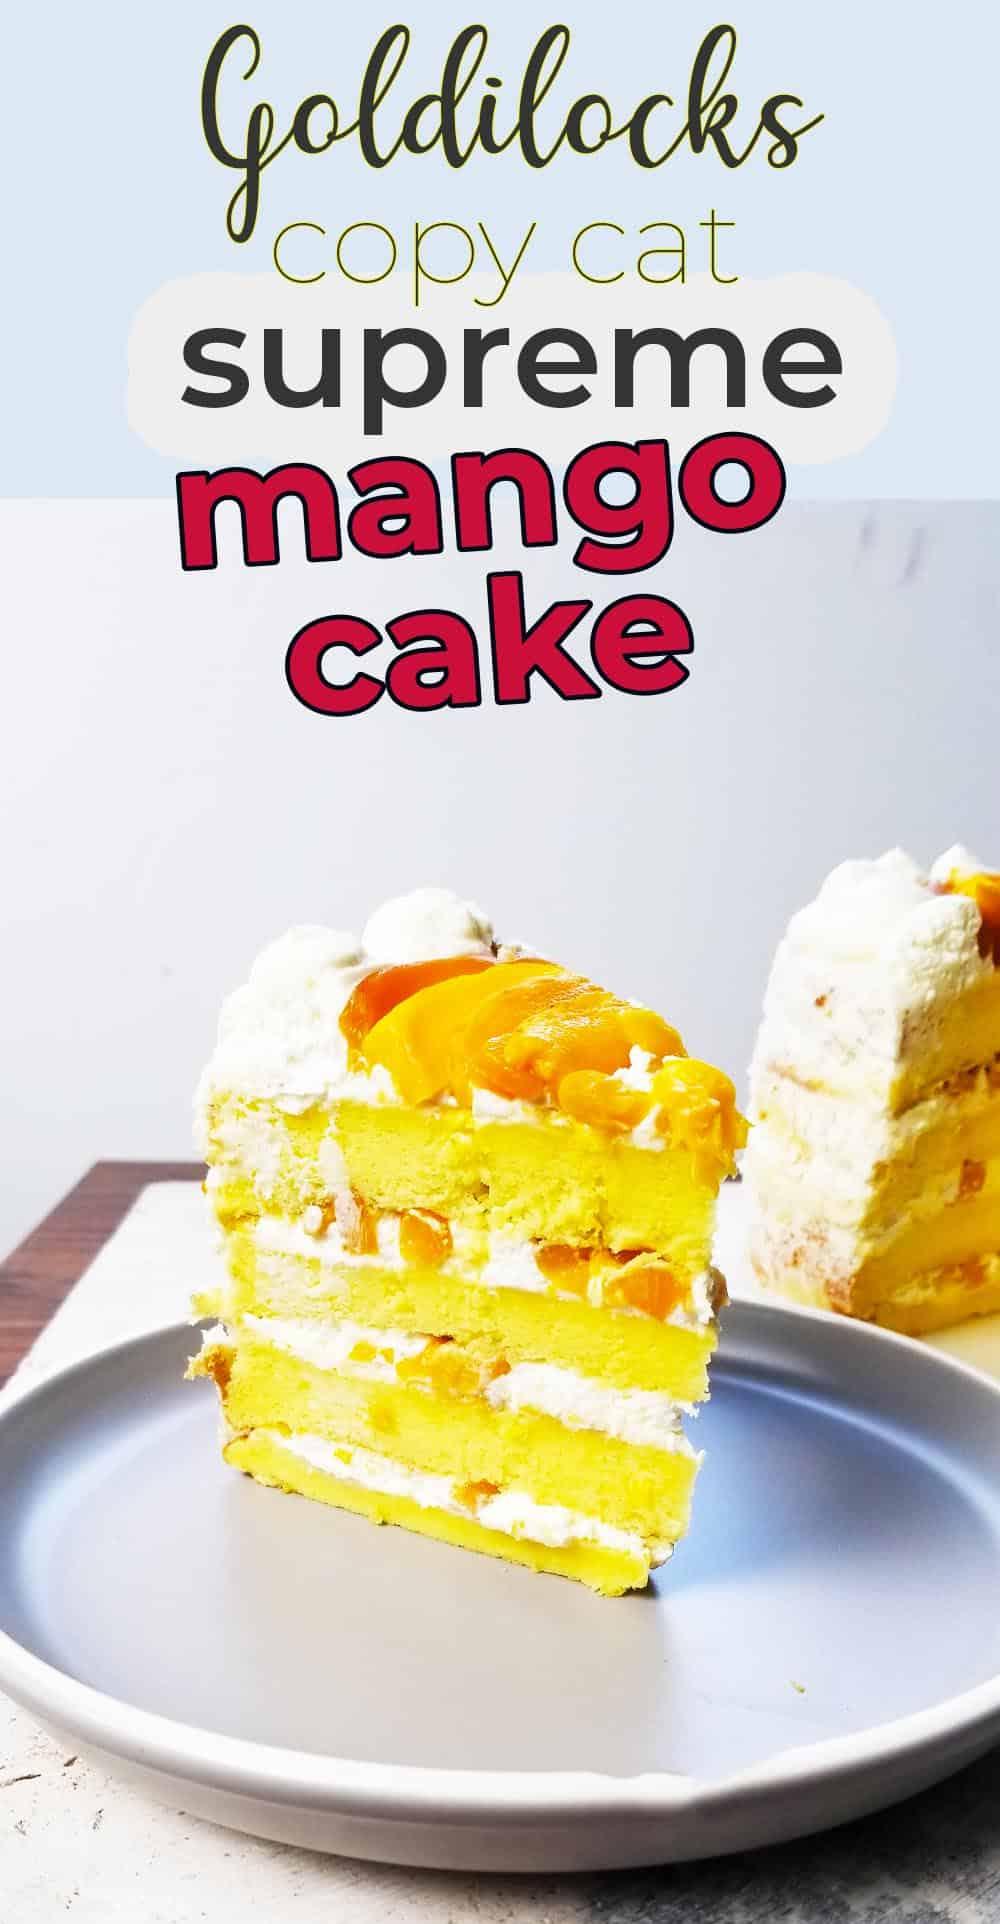 Mango Supreme Cake Goldilocks Copycat